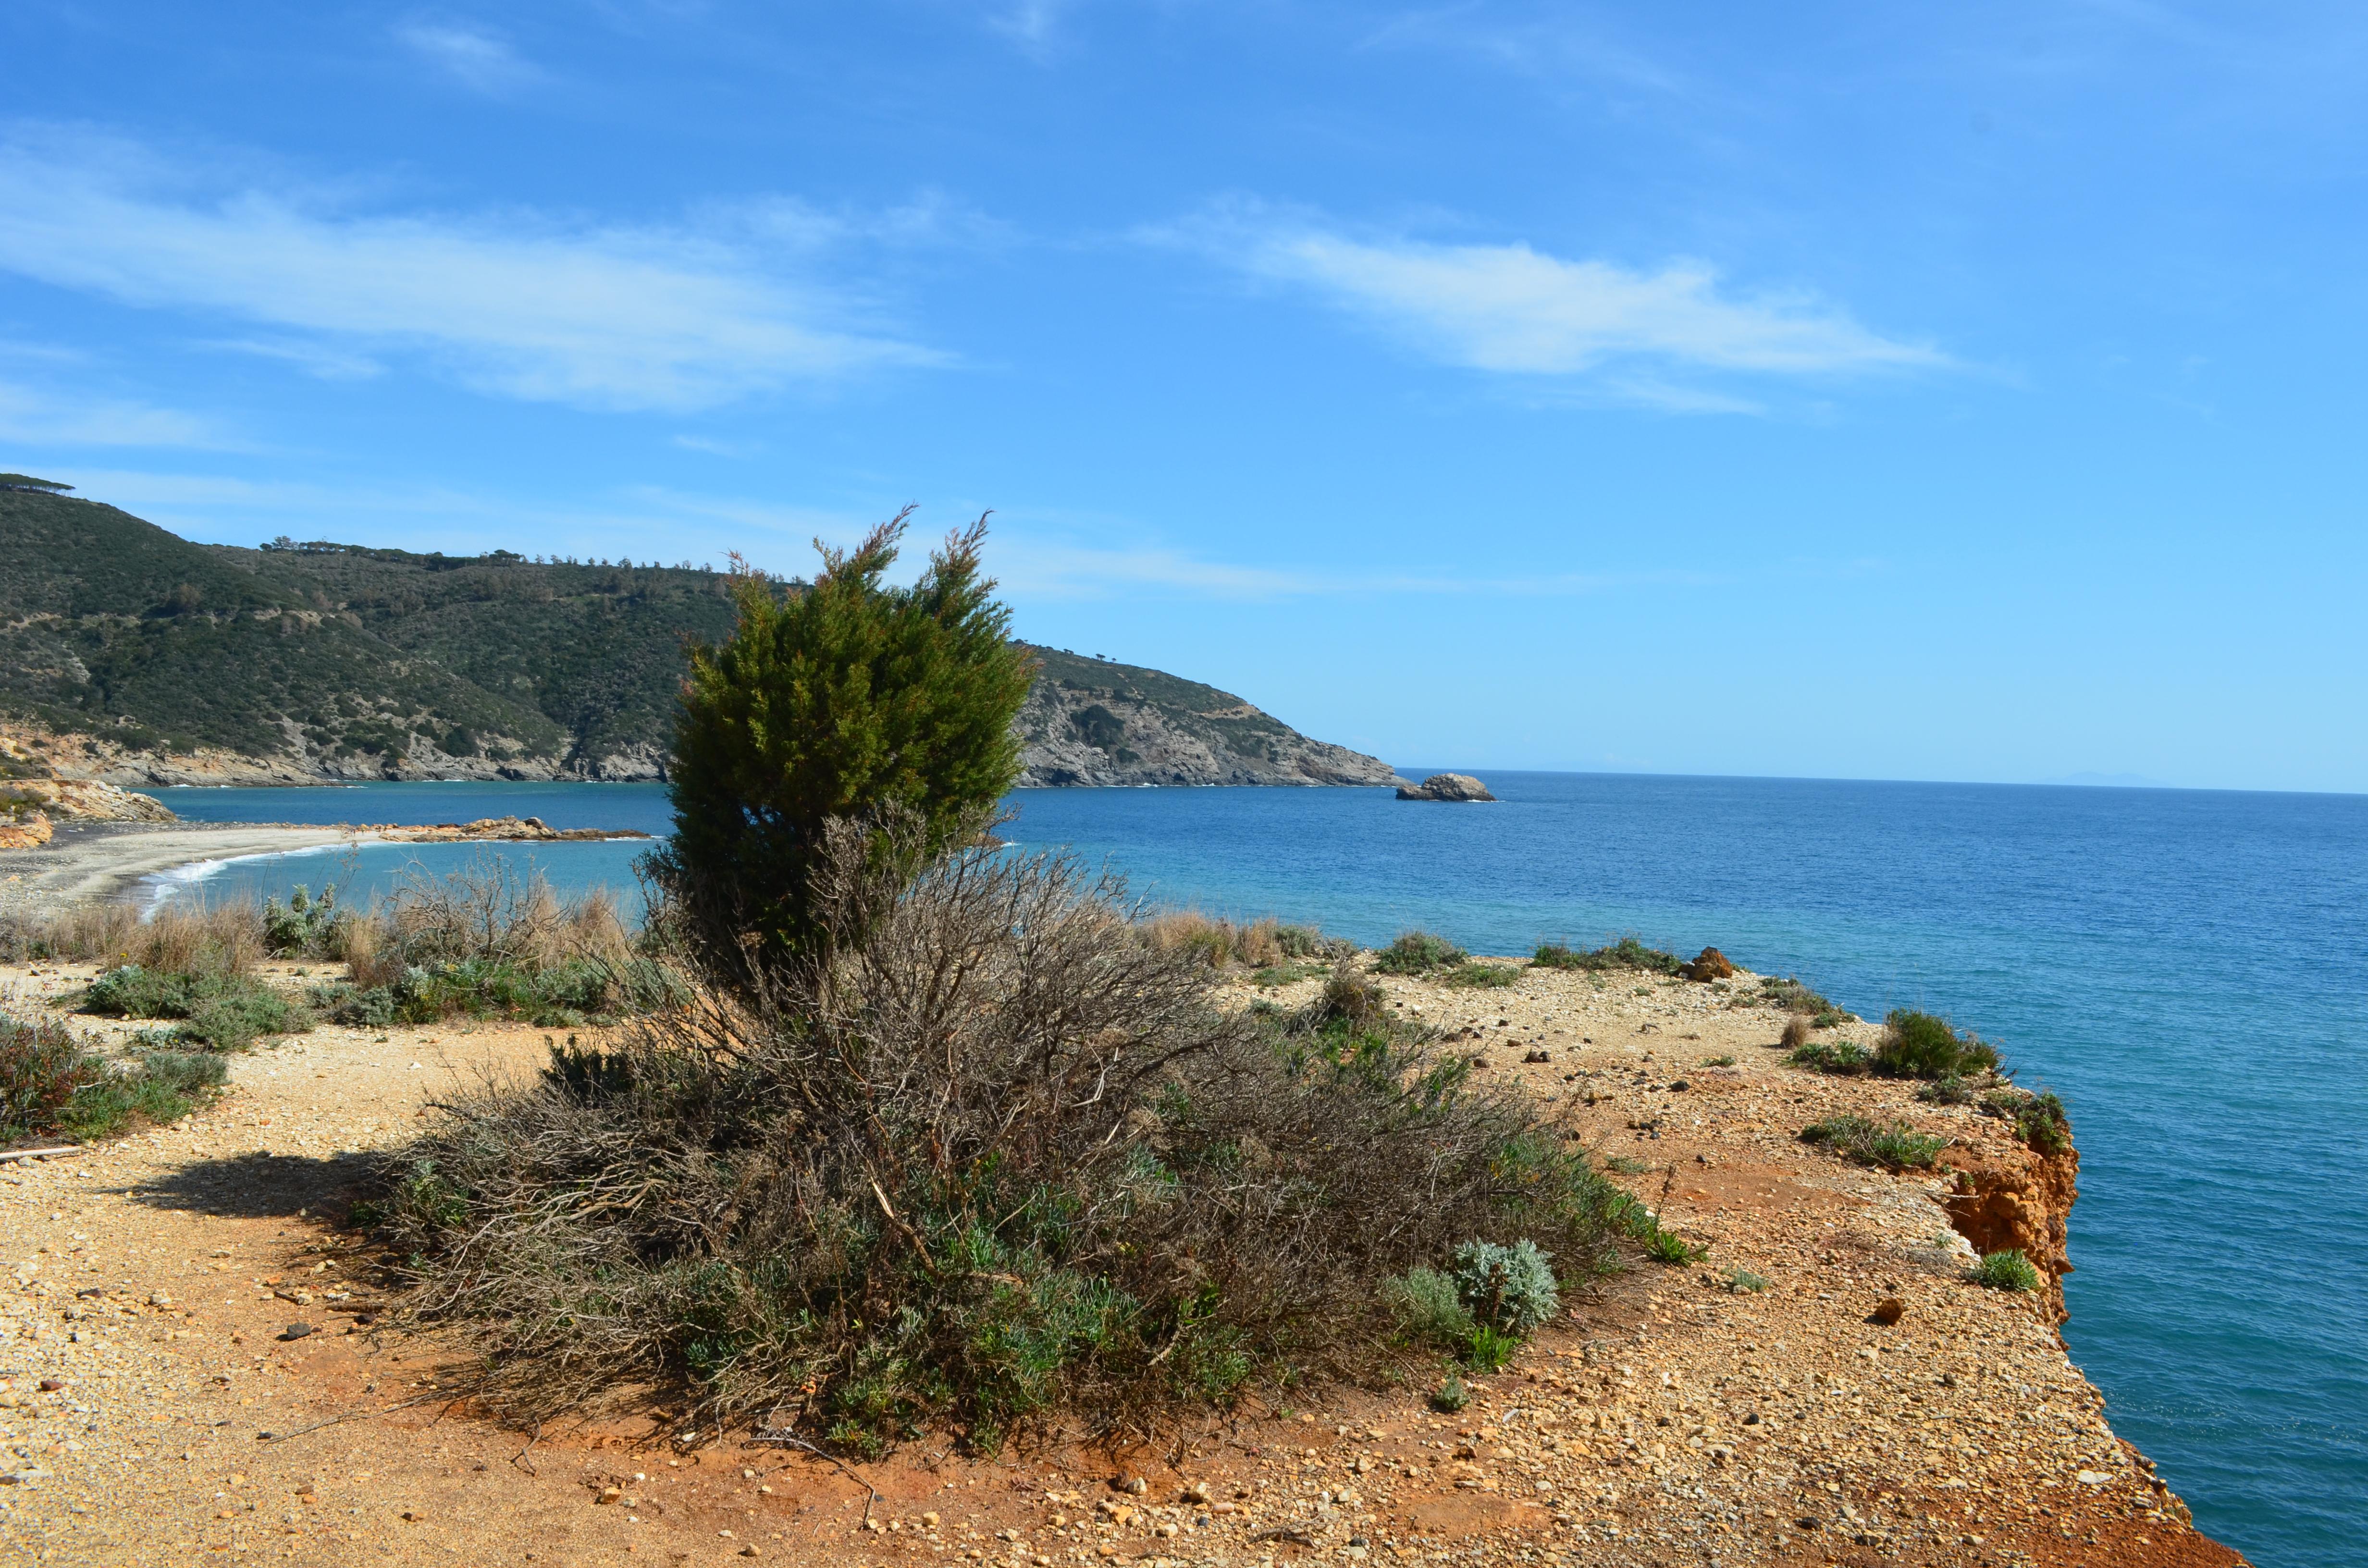 Miniera e Spiaggia del Calamita Isola d'Elba